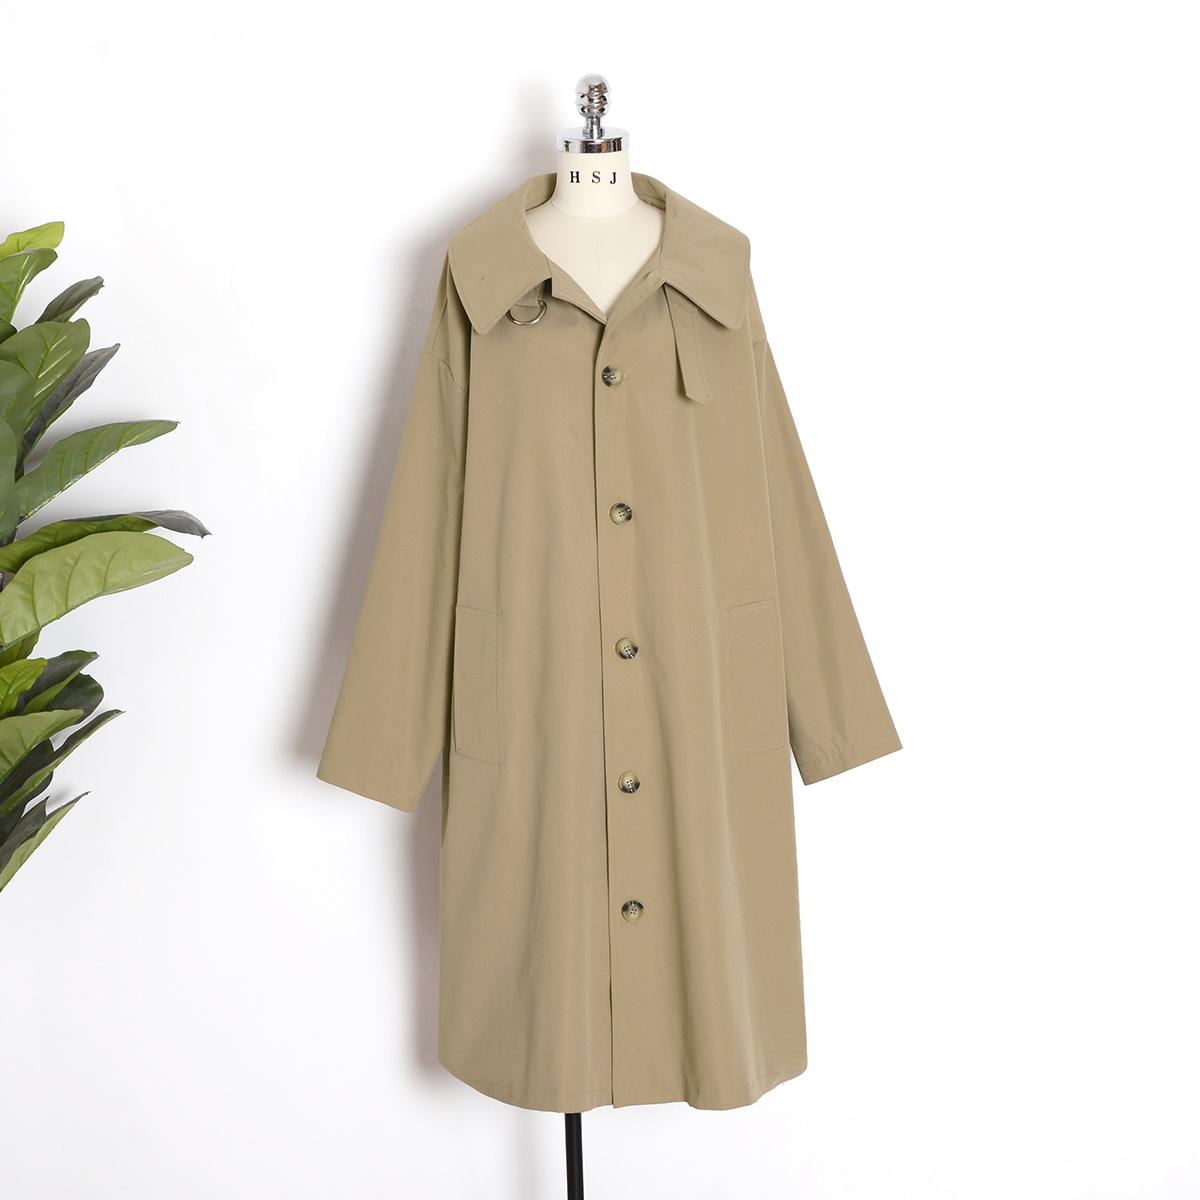 新款韩版宽松流行大衣中长款百搭风衣外套女风衣王2020